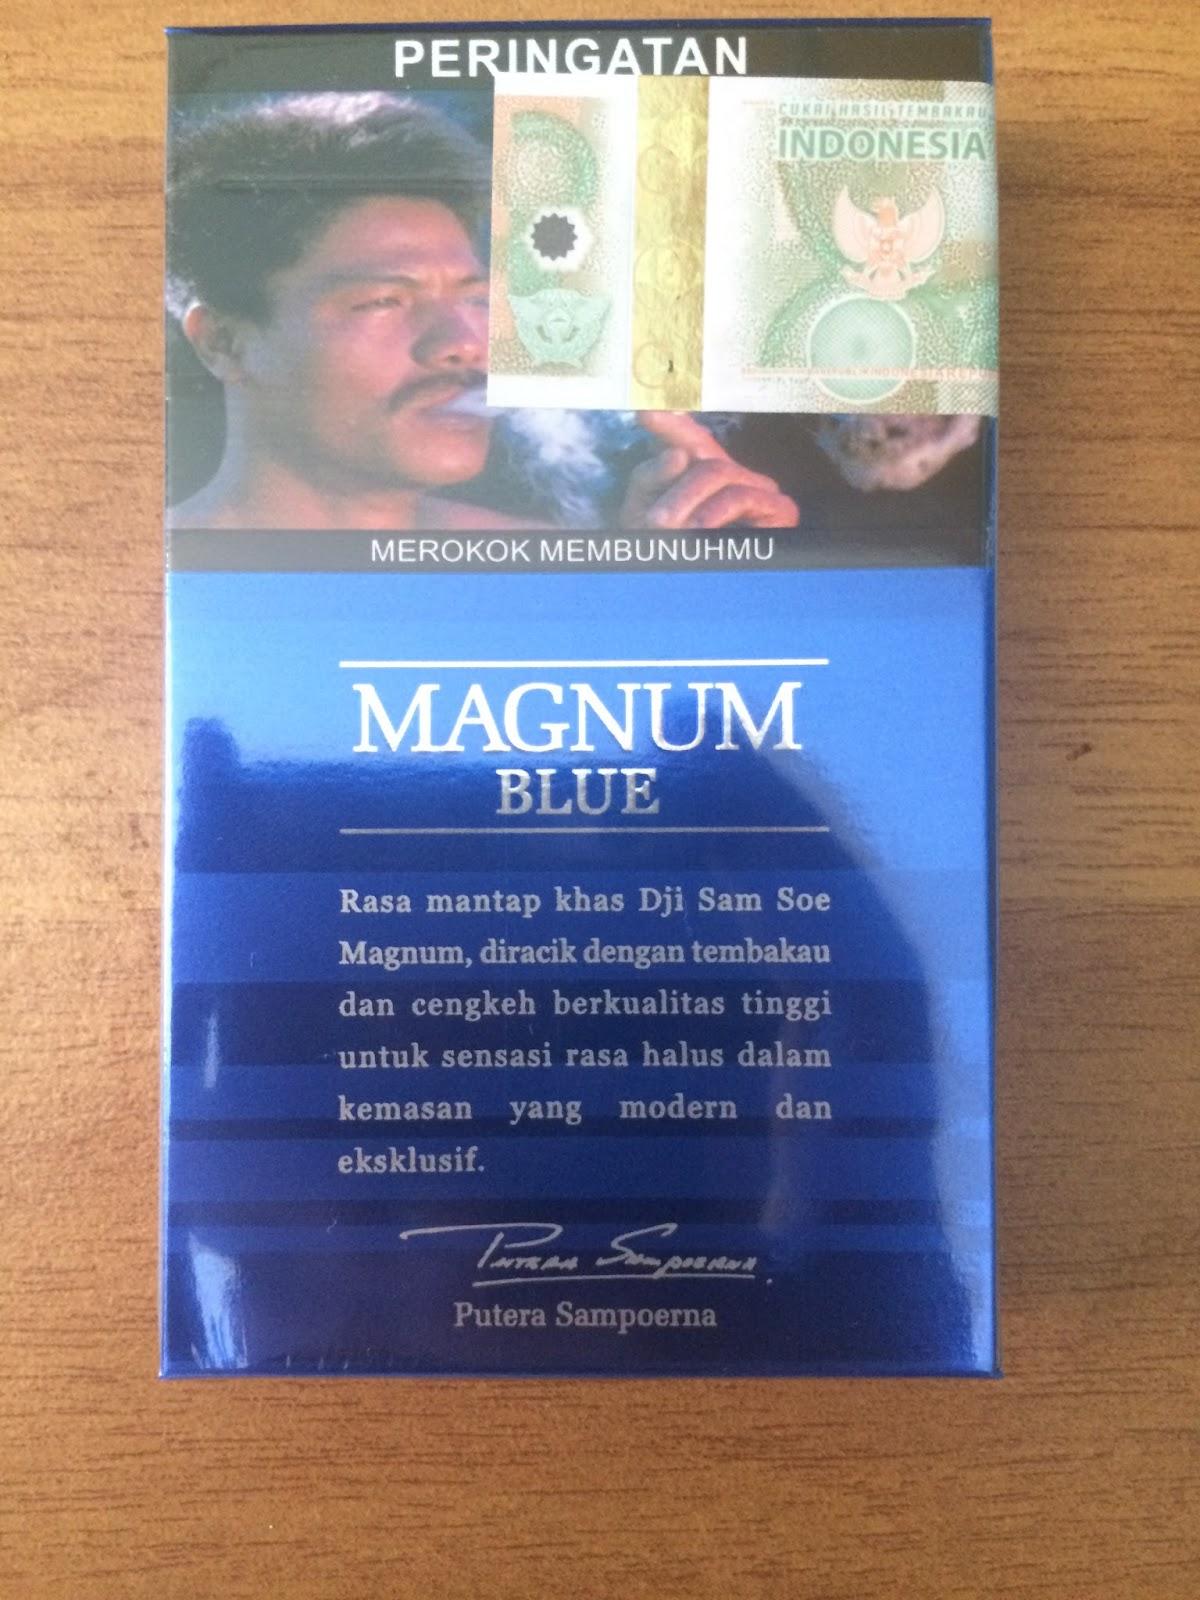 Dji Sam Soe Magnum Blue Skm Light Mild Pertama Dari Sampoerna Best Seller  Banget Isi 16 Dengan Batang Cukup Terjangkau Bagi Saya Pribadi Untuk Harga Memberi Nilai 85 10 Kemudian Kita Coba Lihat Kemasannya Lebih Dahulu